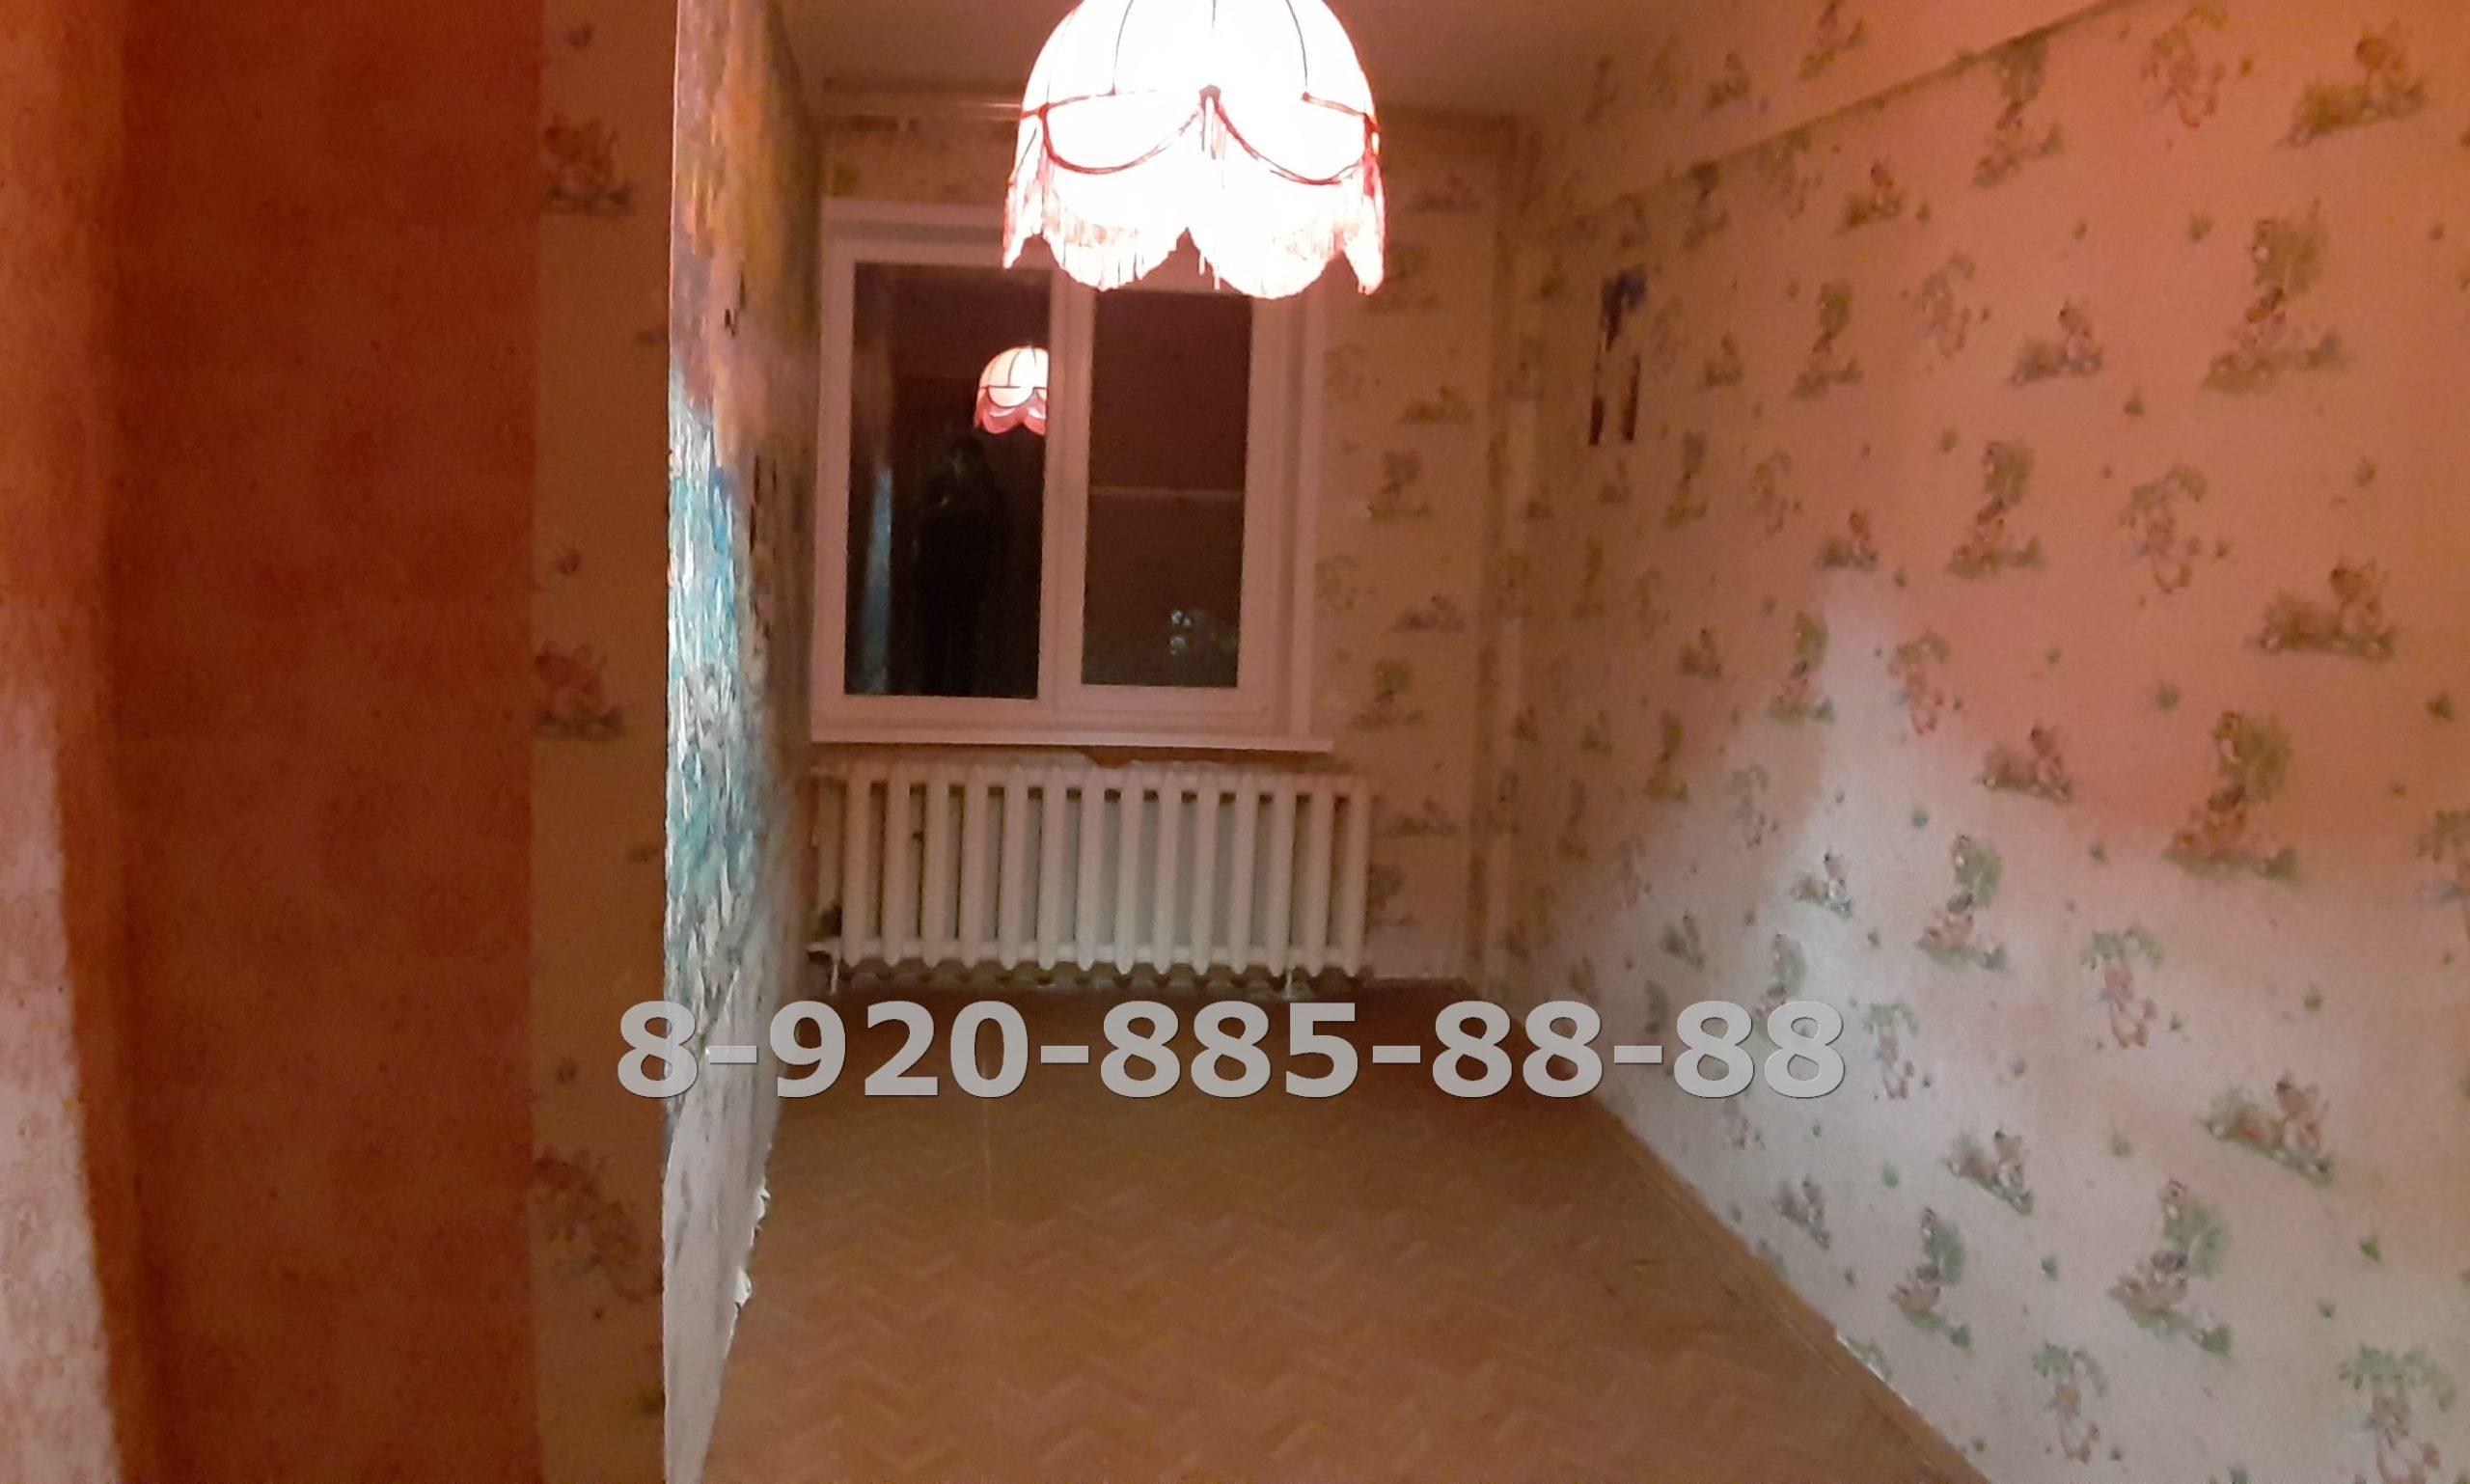 Первая Комната. Продается трехкомнатная квартира площадью 70 кв.м. поселок Пятовский Дзержинский р-н Калужская обл., Покупка 3 комнатной квартиры в Пятовский Комарова 1.200.000. 8-920-885-8888